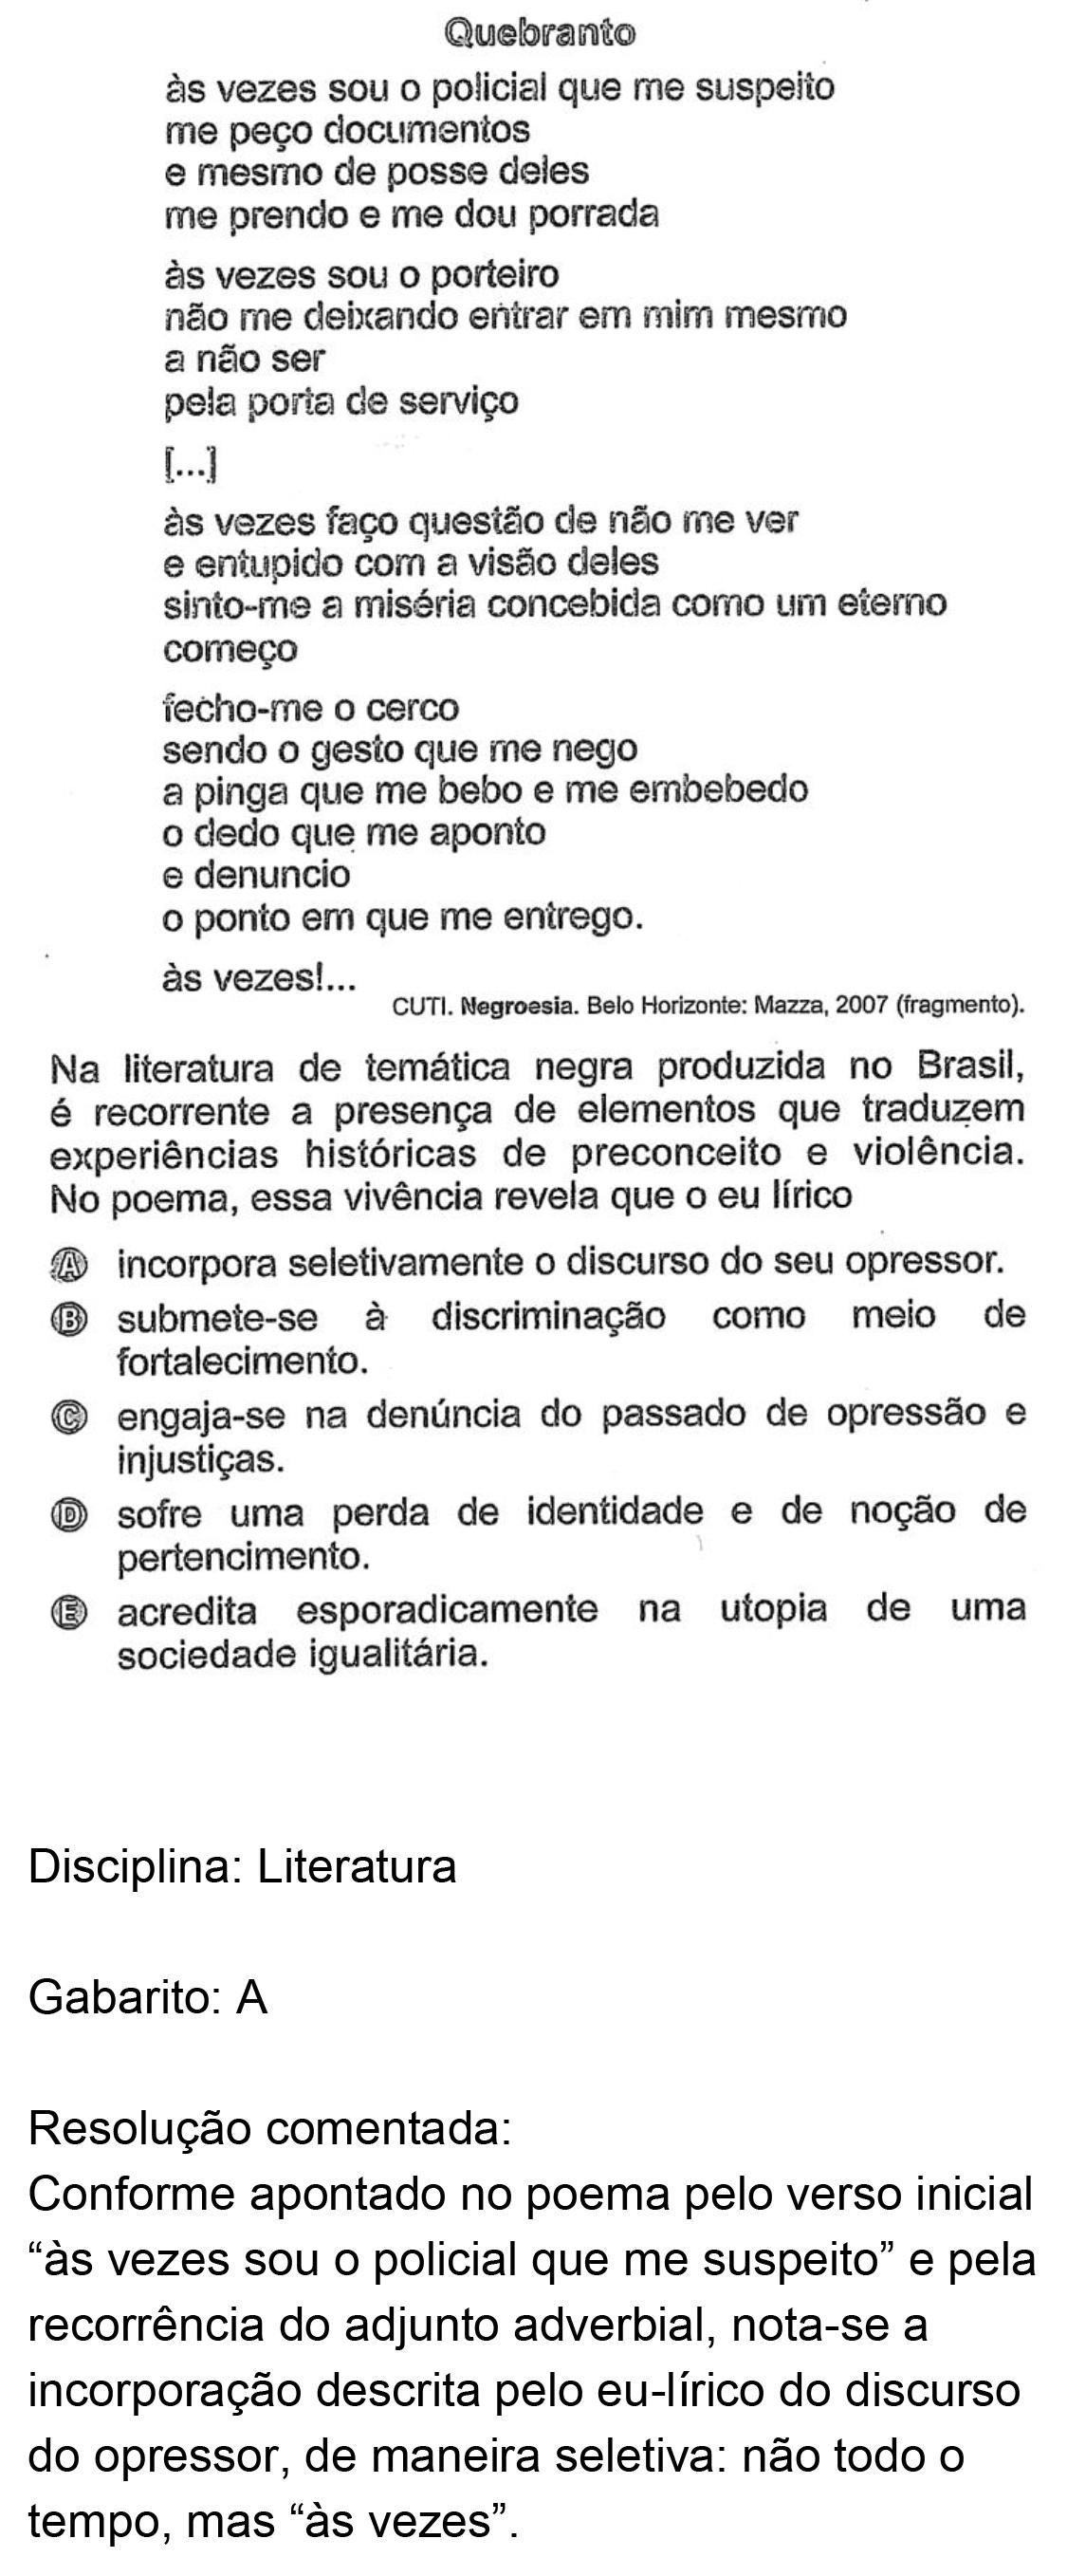 Resolução da questão 34: Prova Amarela do ENEM 2018.